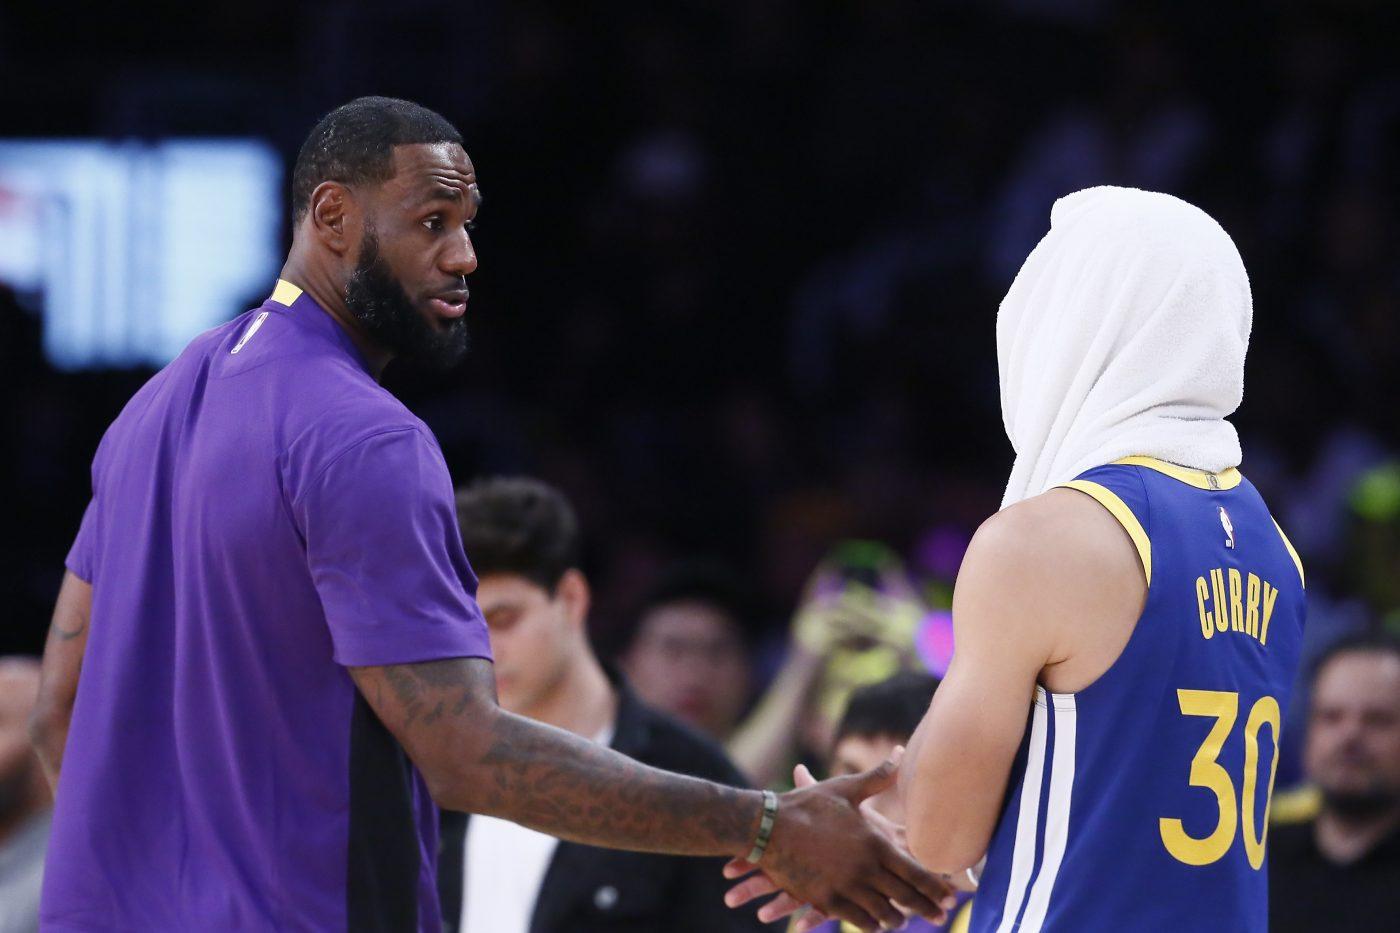 Zachód zaczyna play-in! Czy Warriors są w stanie zaskoczyć LeBrona i Lakers?